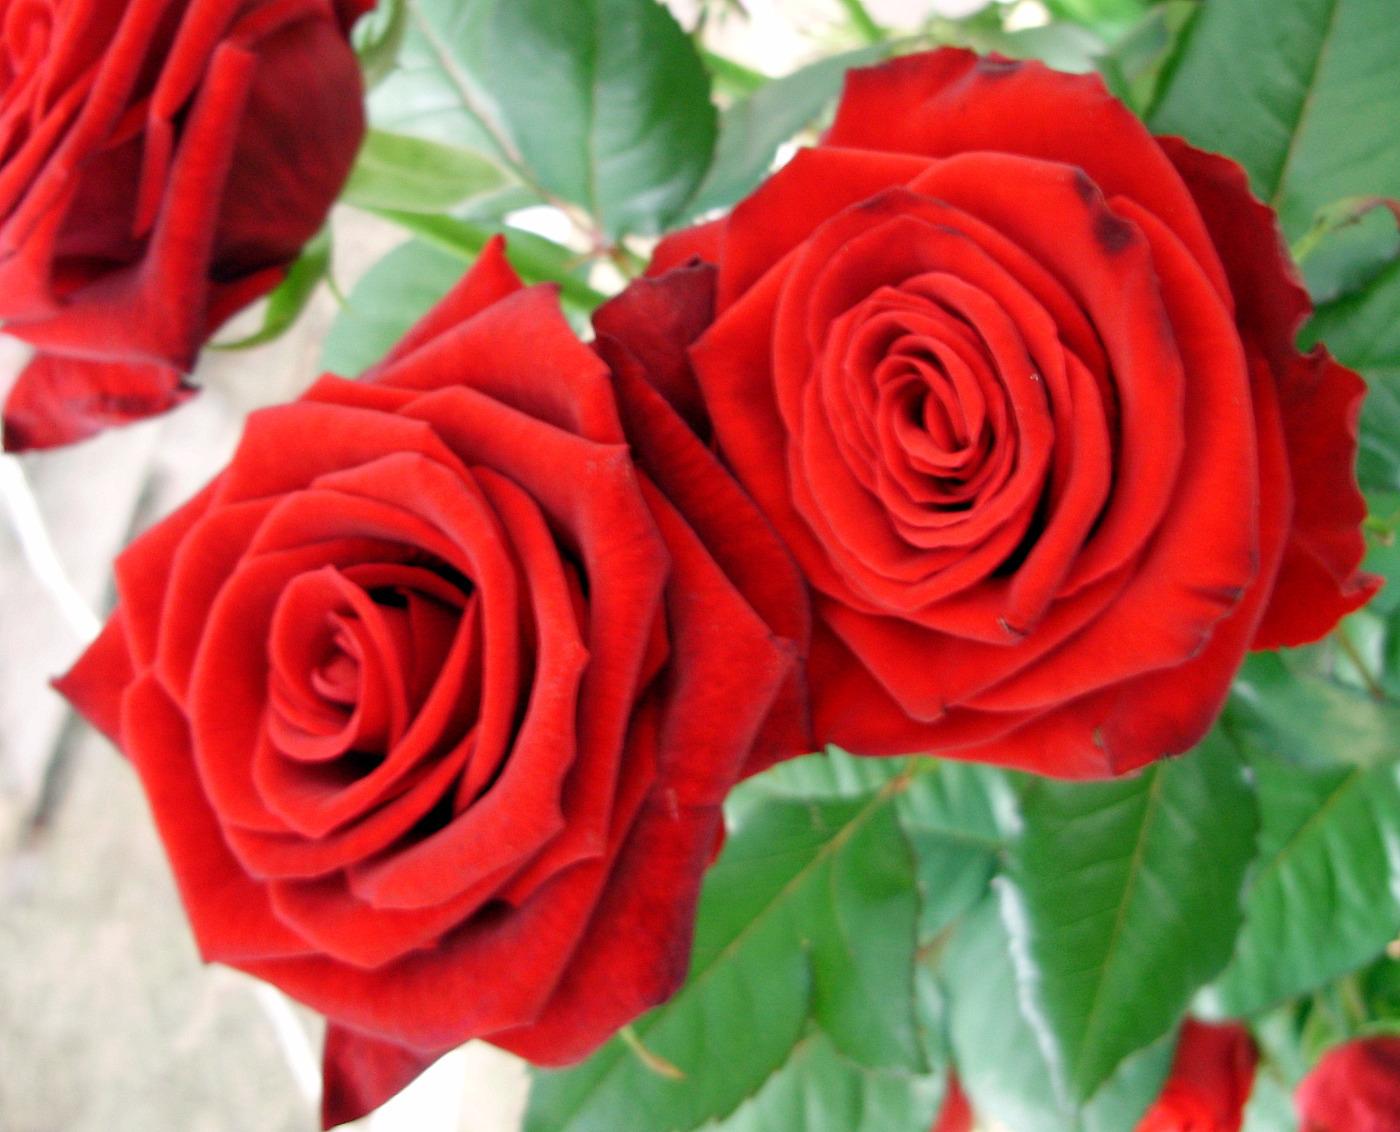 roses red roses. Black Bedroom Furniture Sets. Home Design Ideas